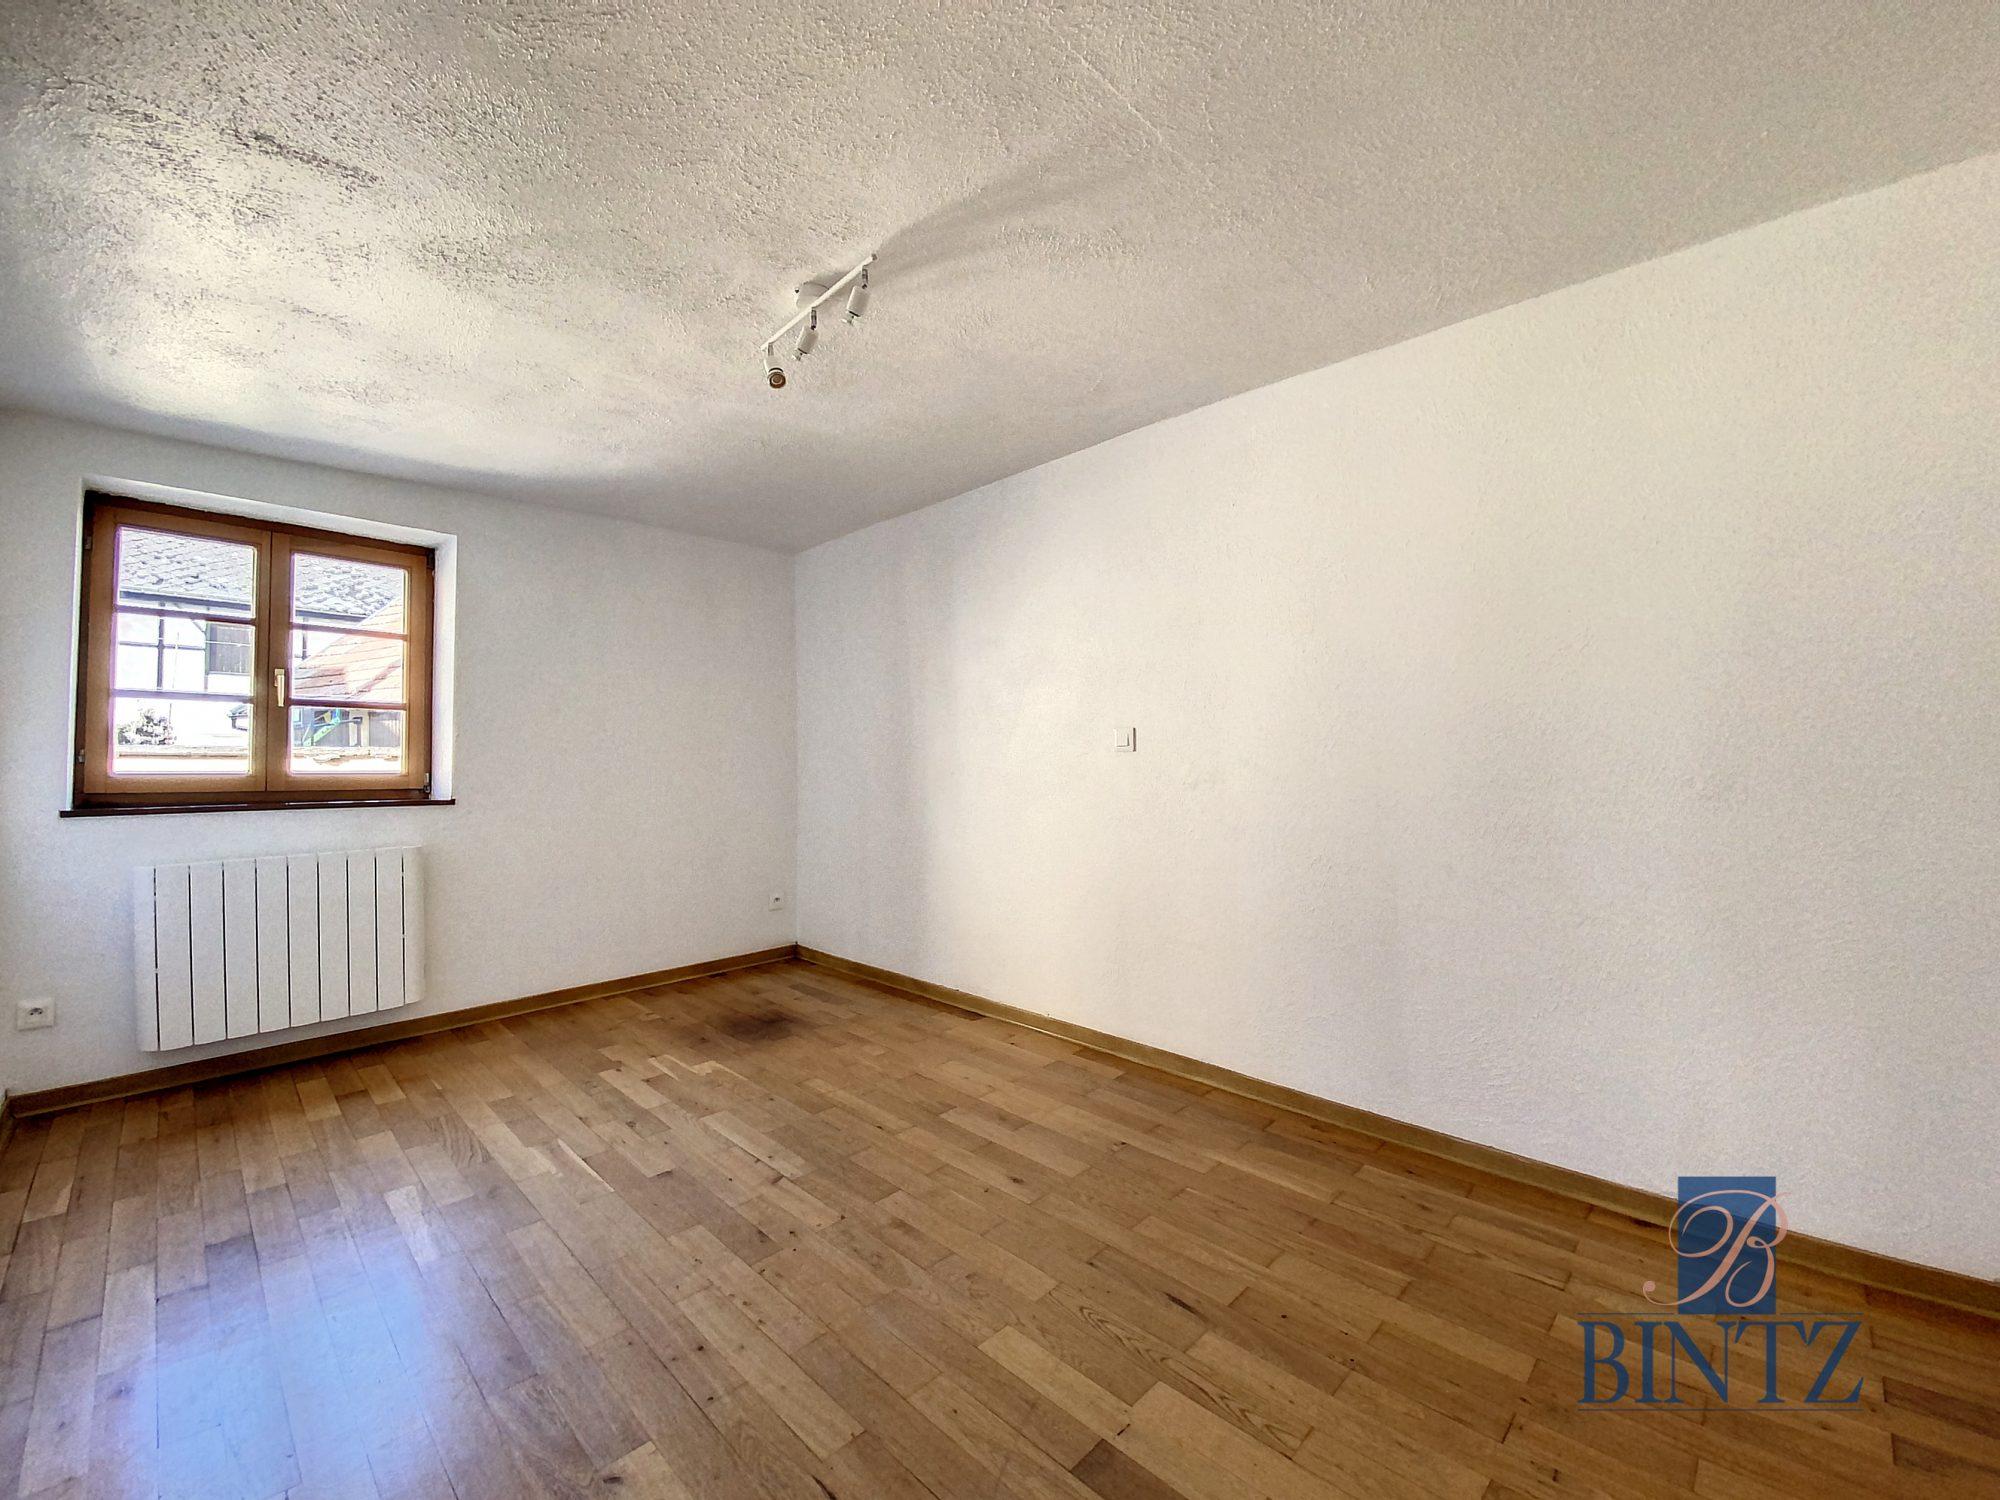 2 piècs avec Balcon au centre-ville - Devenez locataire en toute sérénité - Bintz Immobilier - 3